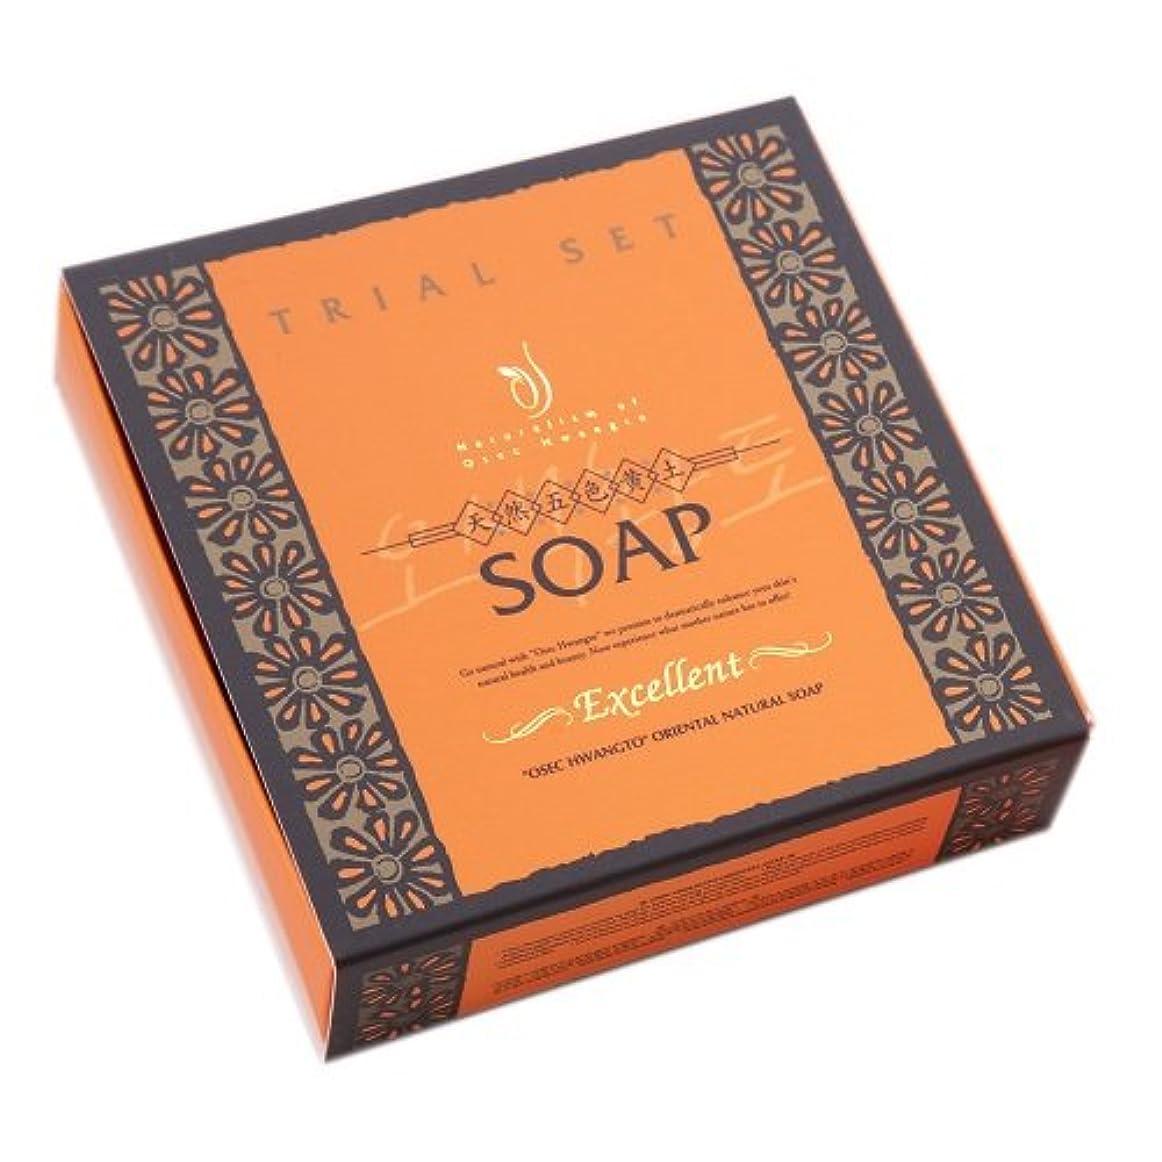 許容手数料溶接リソー販売 五色黄土石けん トライアルセット 石鹸20g、石鹸ケース、泡立てネット